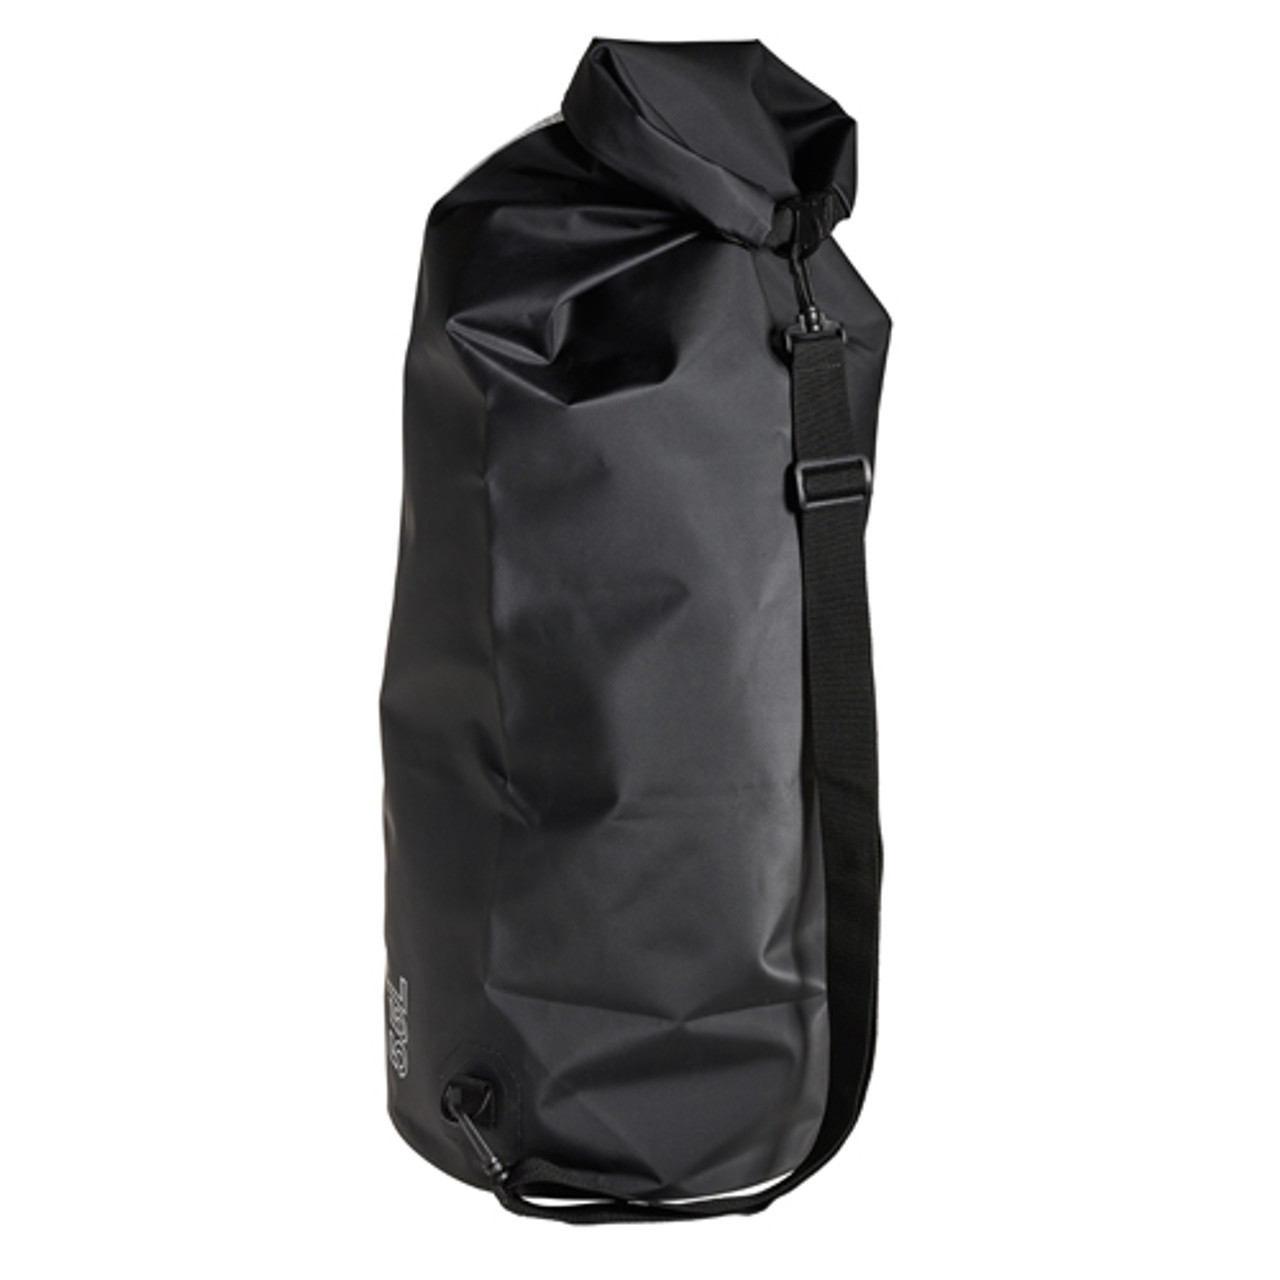 RFD Crewsaver Bute Dry Bag 55L - back